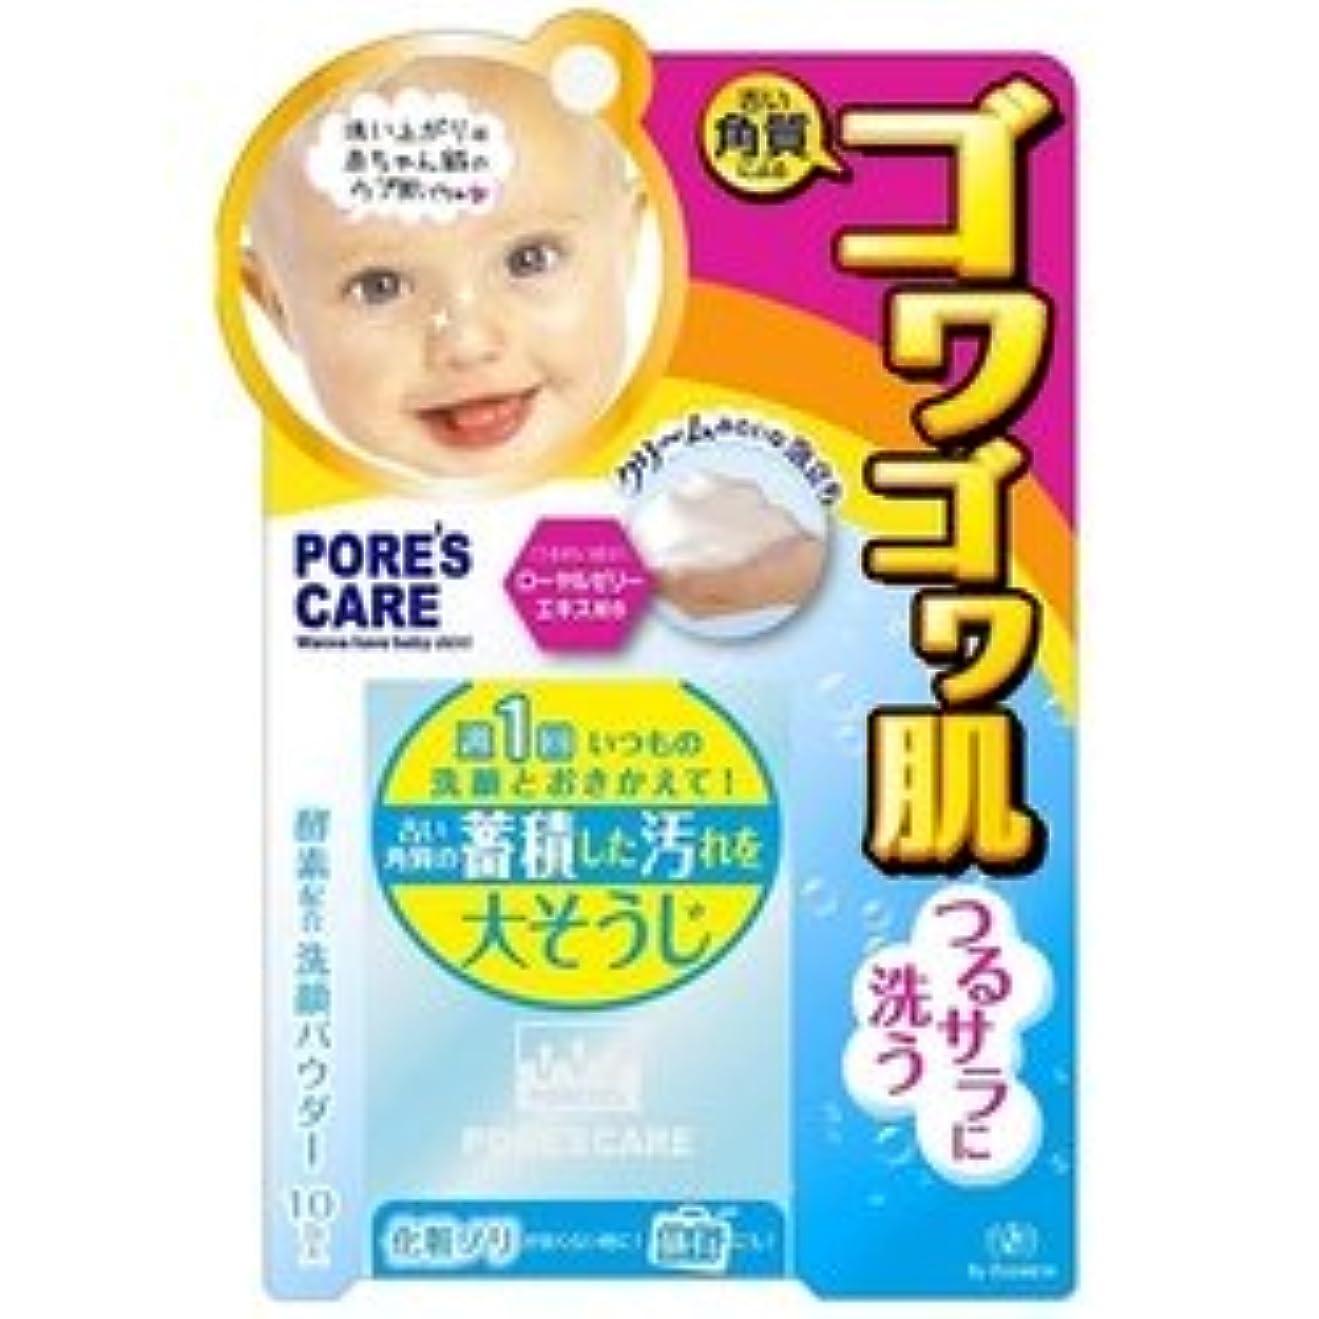 なす軽減する軽く【エリザベス】ポアトル角質クリアパウダー洗顔料 10包 ×3個セット